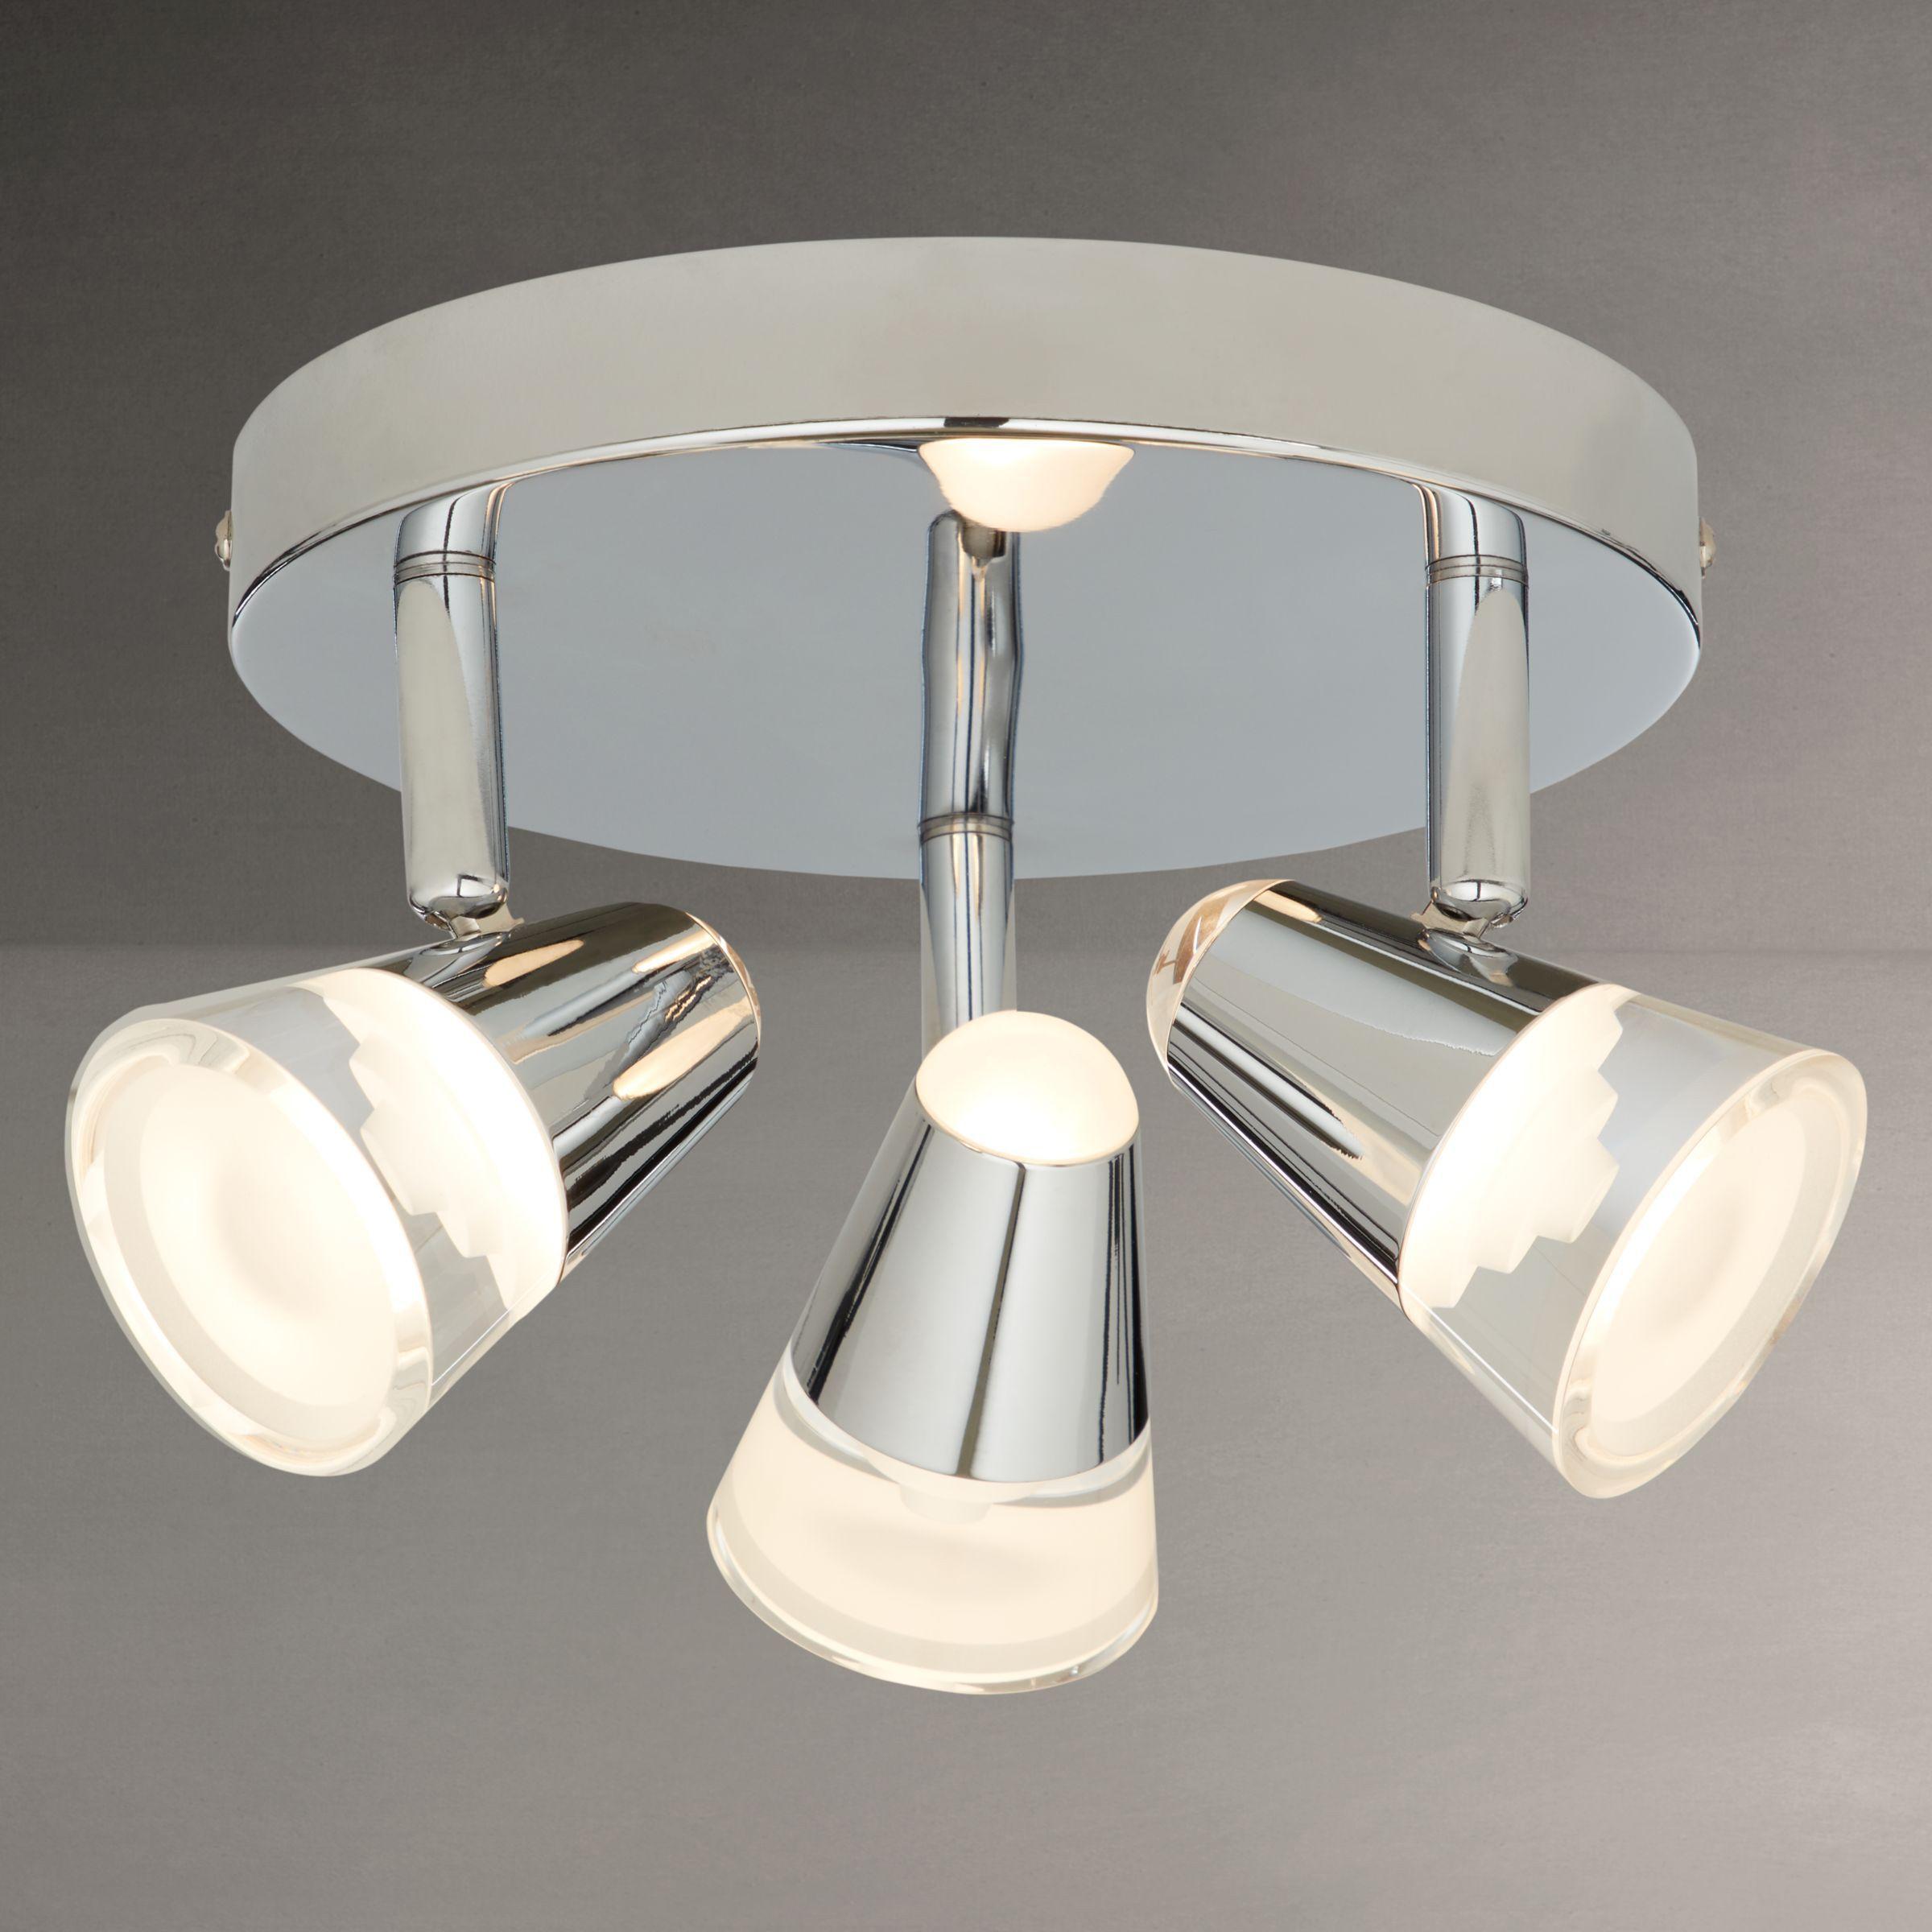 Kitchen Light Fittings John Lewis: Lighting At John Lewis